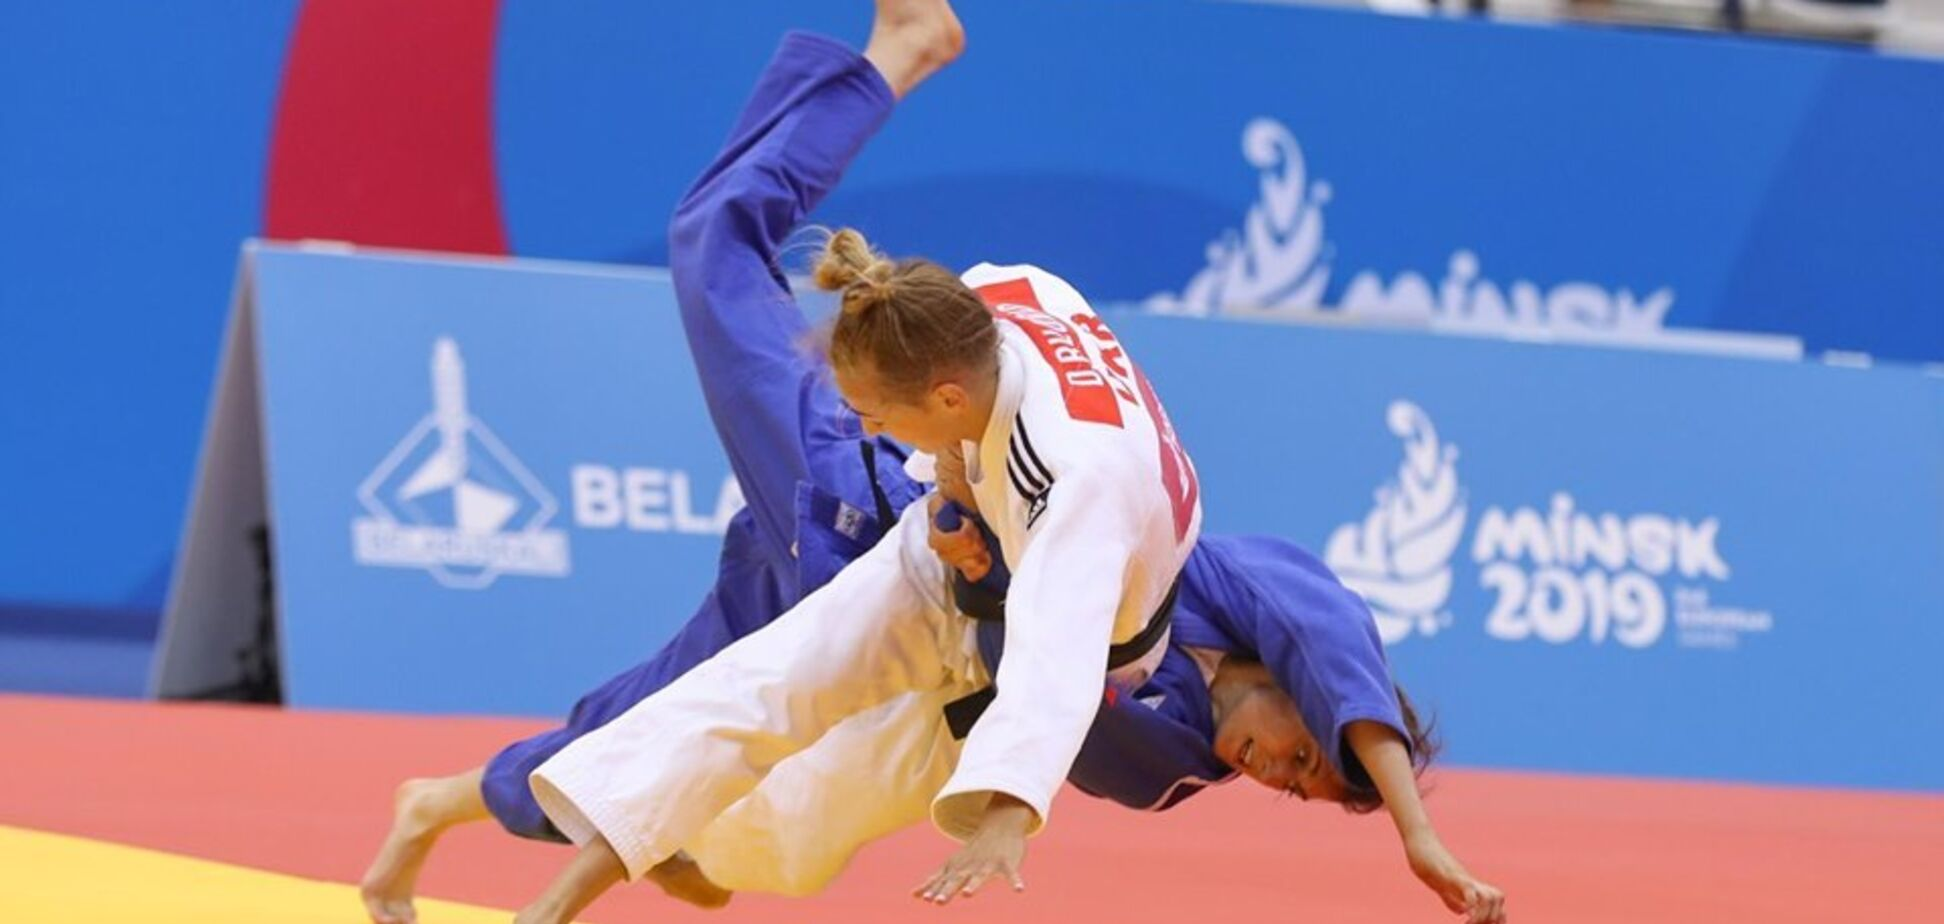 Українка Білодід завоювала 'золото' Європейських ігор, перемігши росіянку